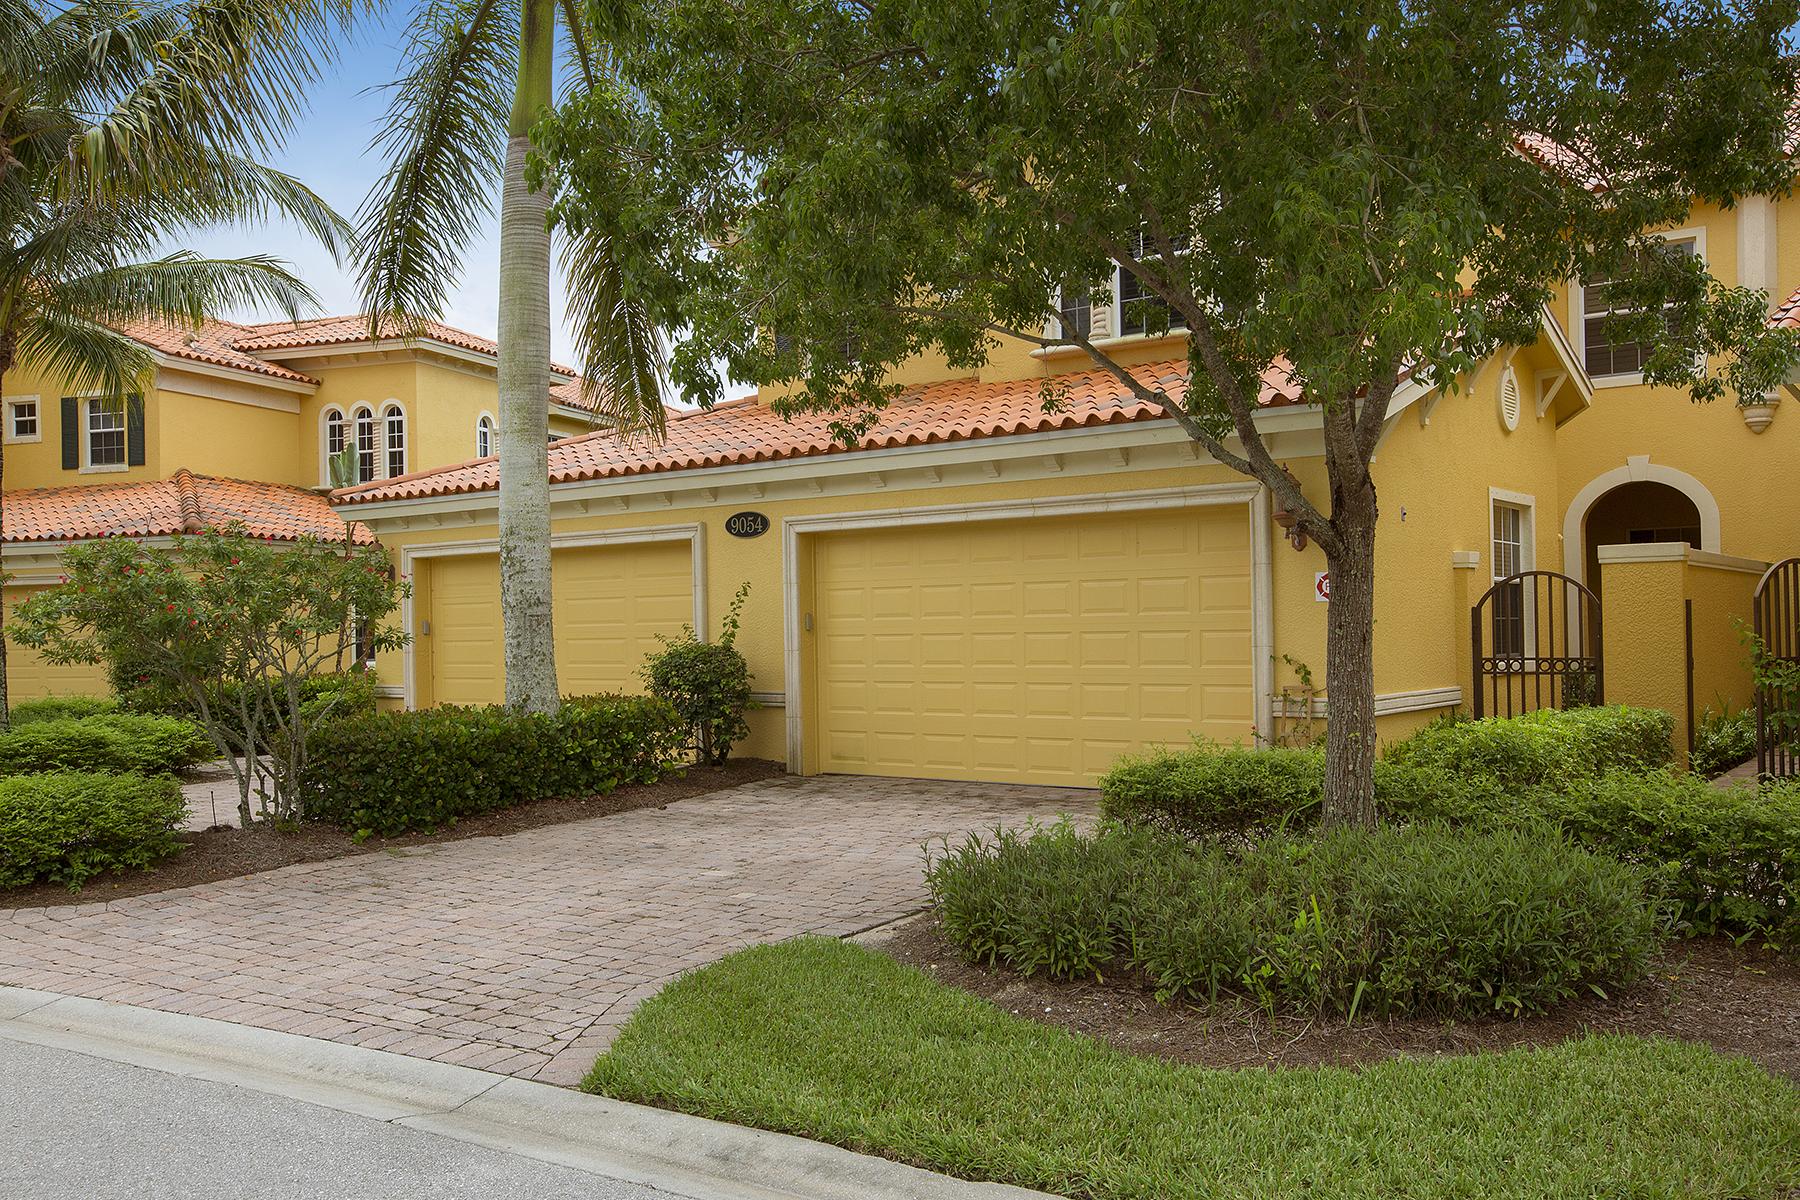 Кондоминиум для того Продажа на FIDDLER'S CREEK - CASCADA 9054 Cascada Way 101 Naples, Флорида, 34114 Соединенные Штаты